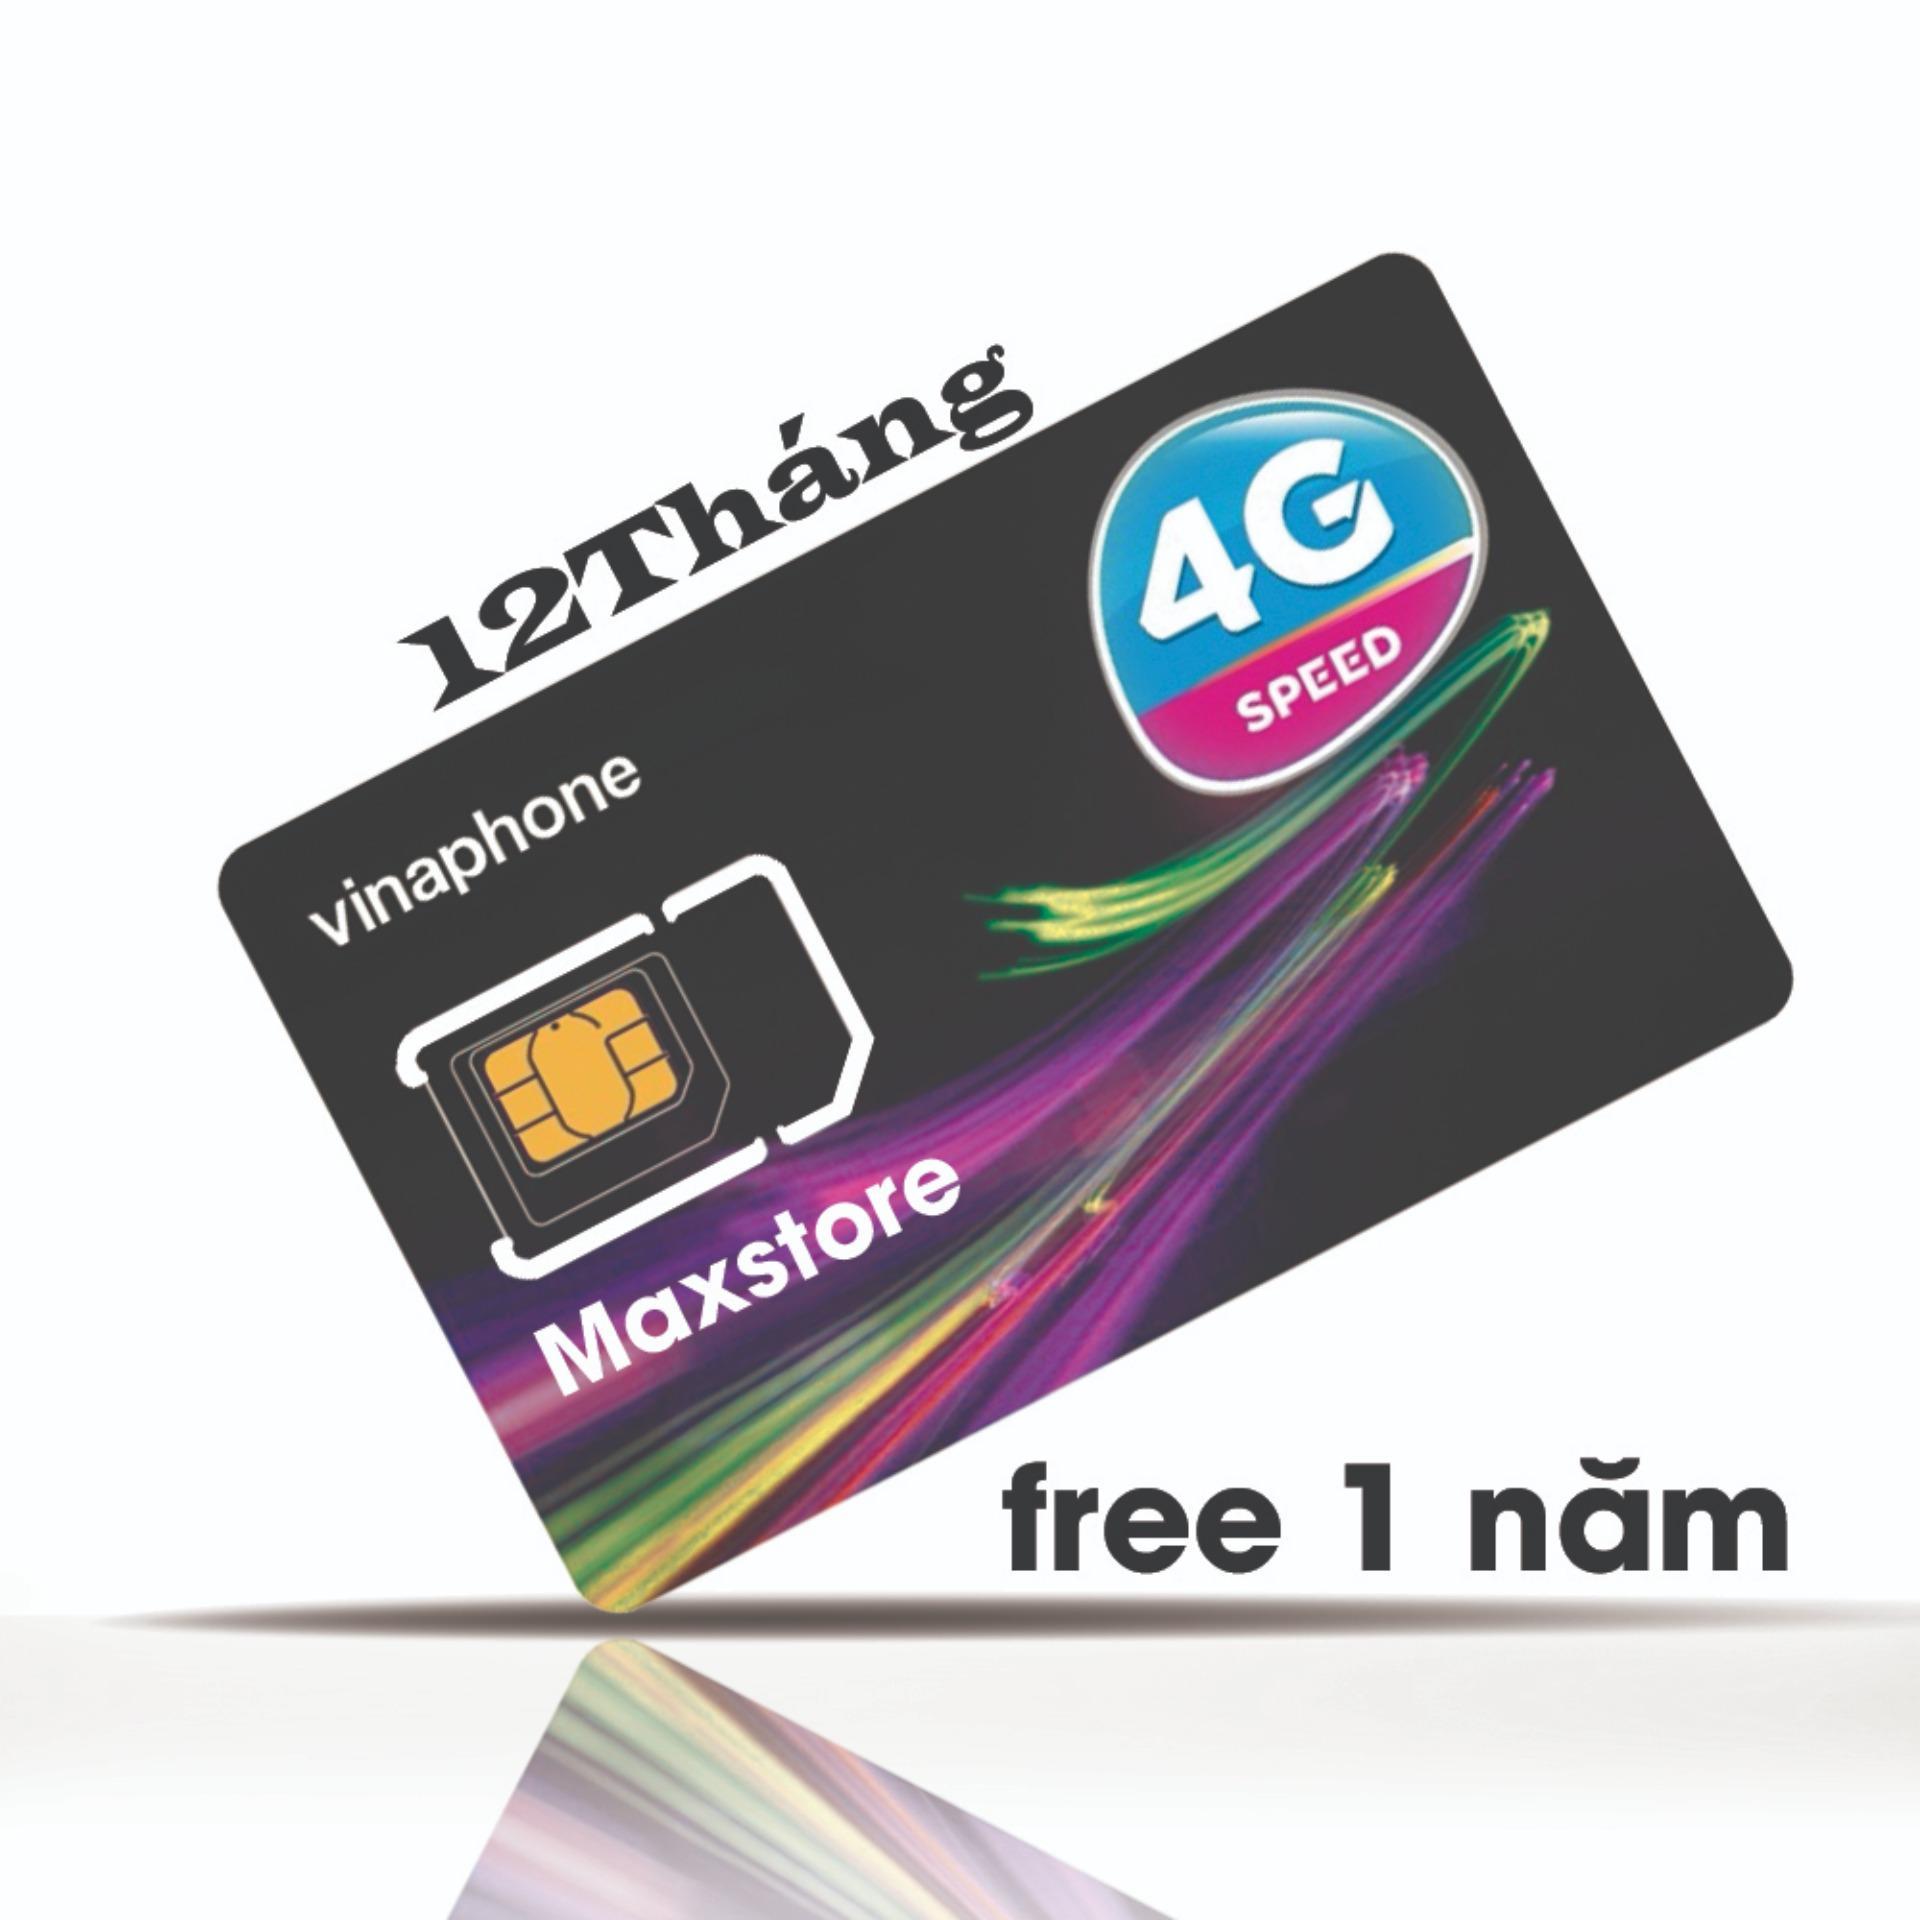 Hình ảnh SIM 4G VINAPHONE VD89-12T Trọn gói 1 năm .Miễn phí(62GB/tháng+43000Phut) x 12 tháng từ Maxstore